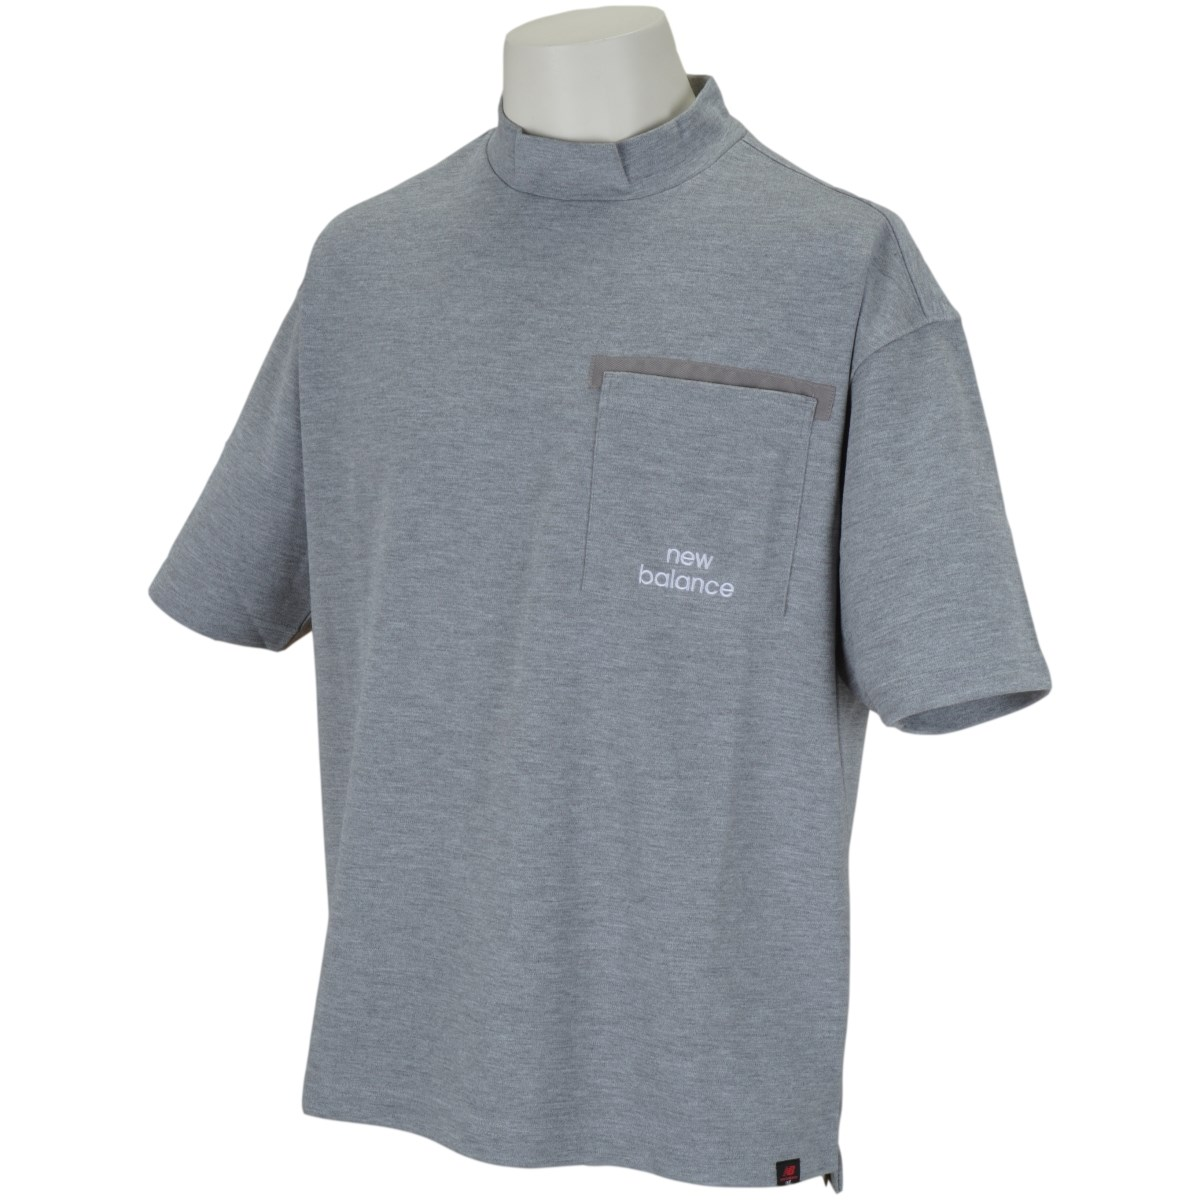 ニューバランス New Balance METRO 半袖モックネックシャツ 4 グレー